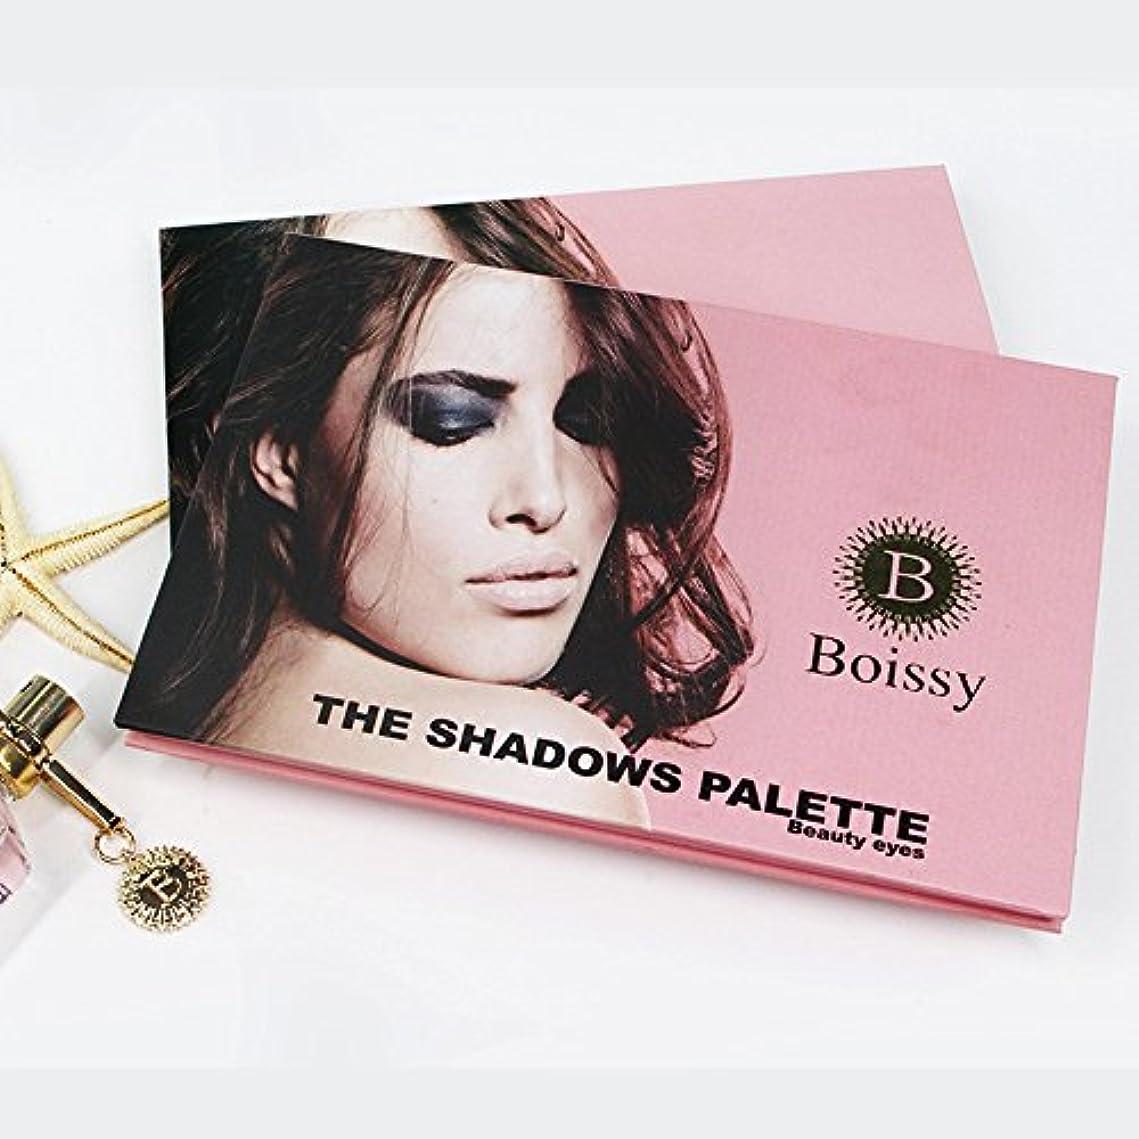 投資建設セマフォAkane アイシャドウパレット BOISSY ファッション 可愛い 魅力的 キラキラ 人気 ピンク 綺麗 長持ち おしゃれ 防水 チャーム 日常 持ち便利 Eye Shadow (24色)